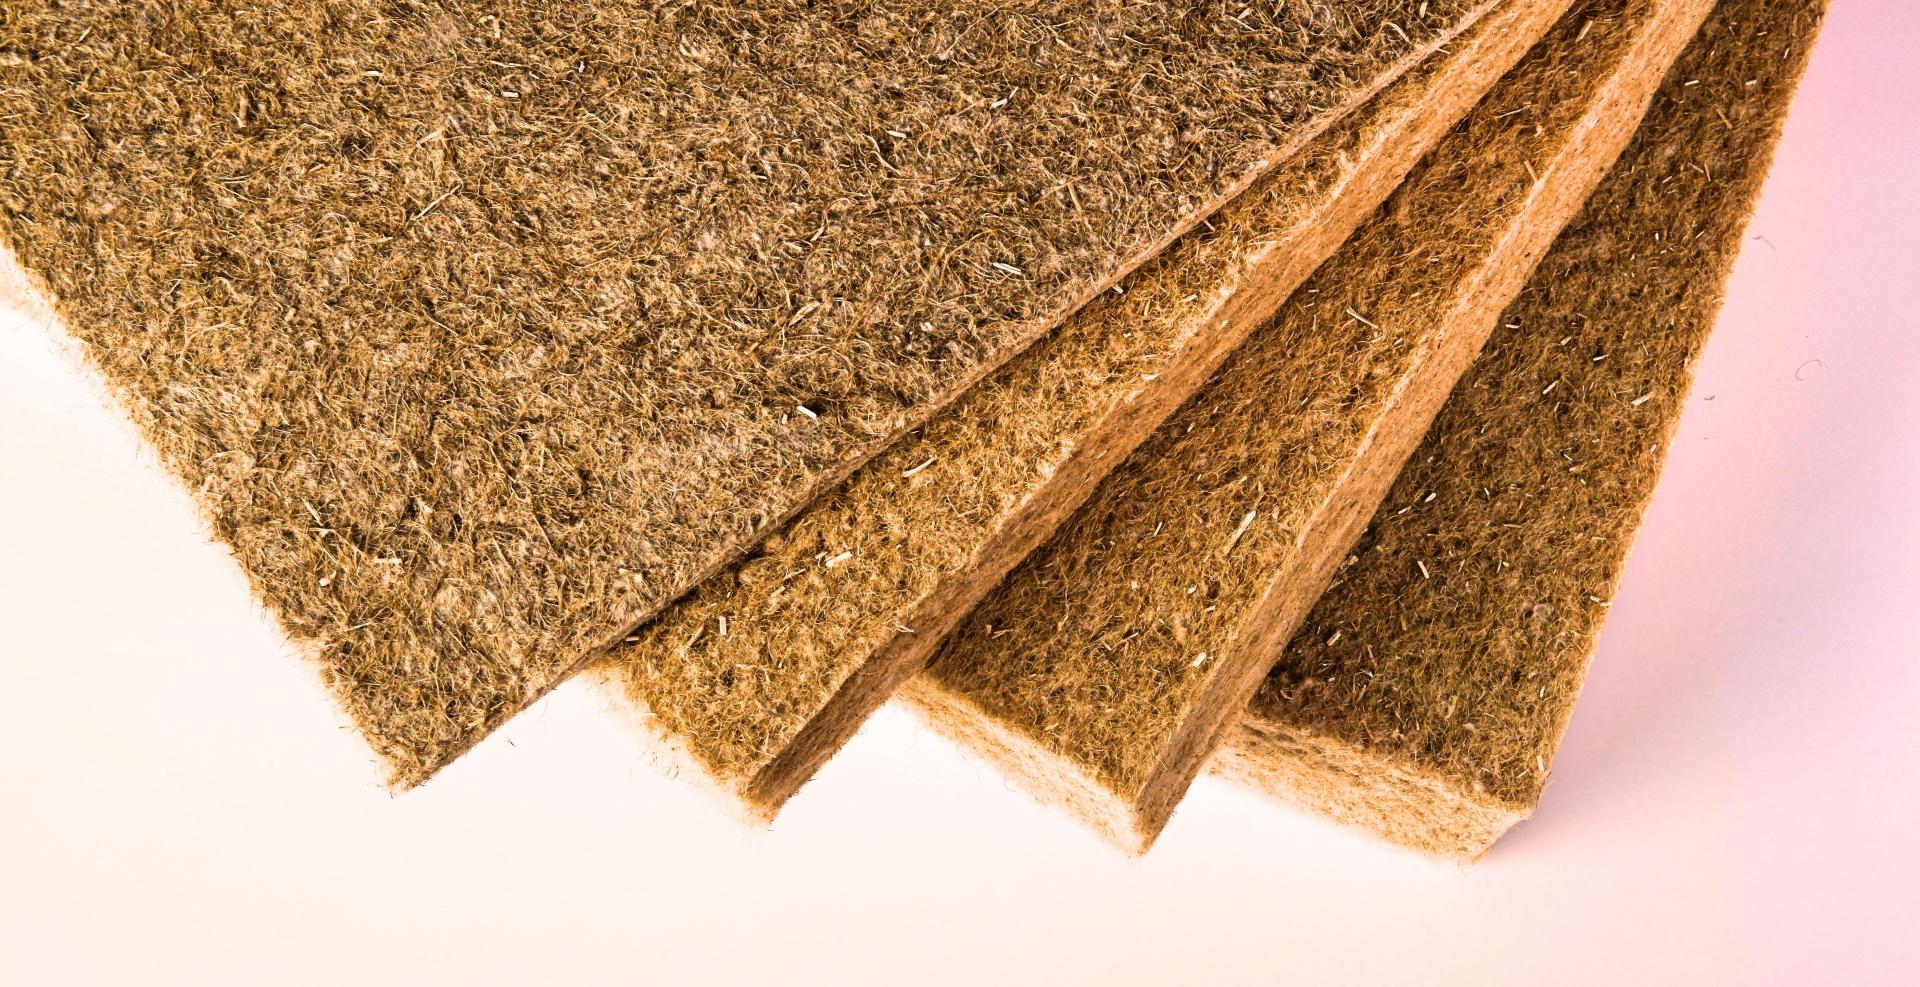 KOBE ECO HEMP FLEX product from natural hemp fibres - KOBE-cz s.r.o.